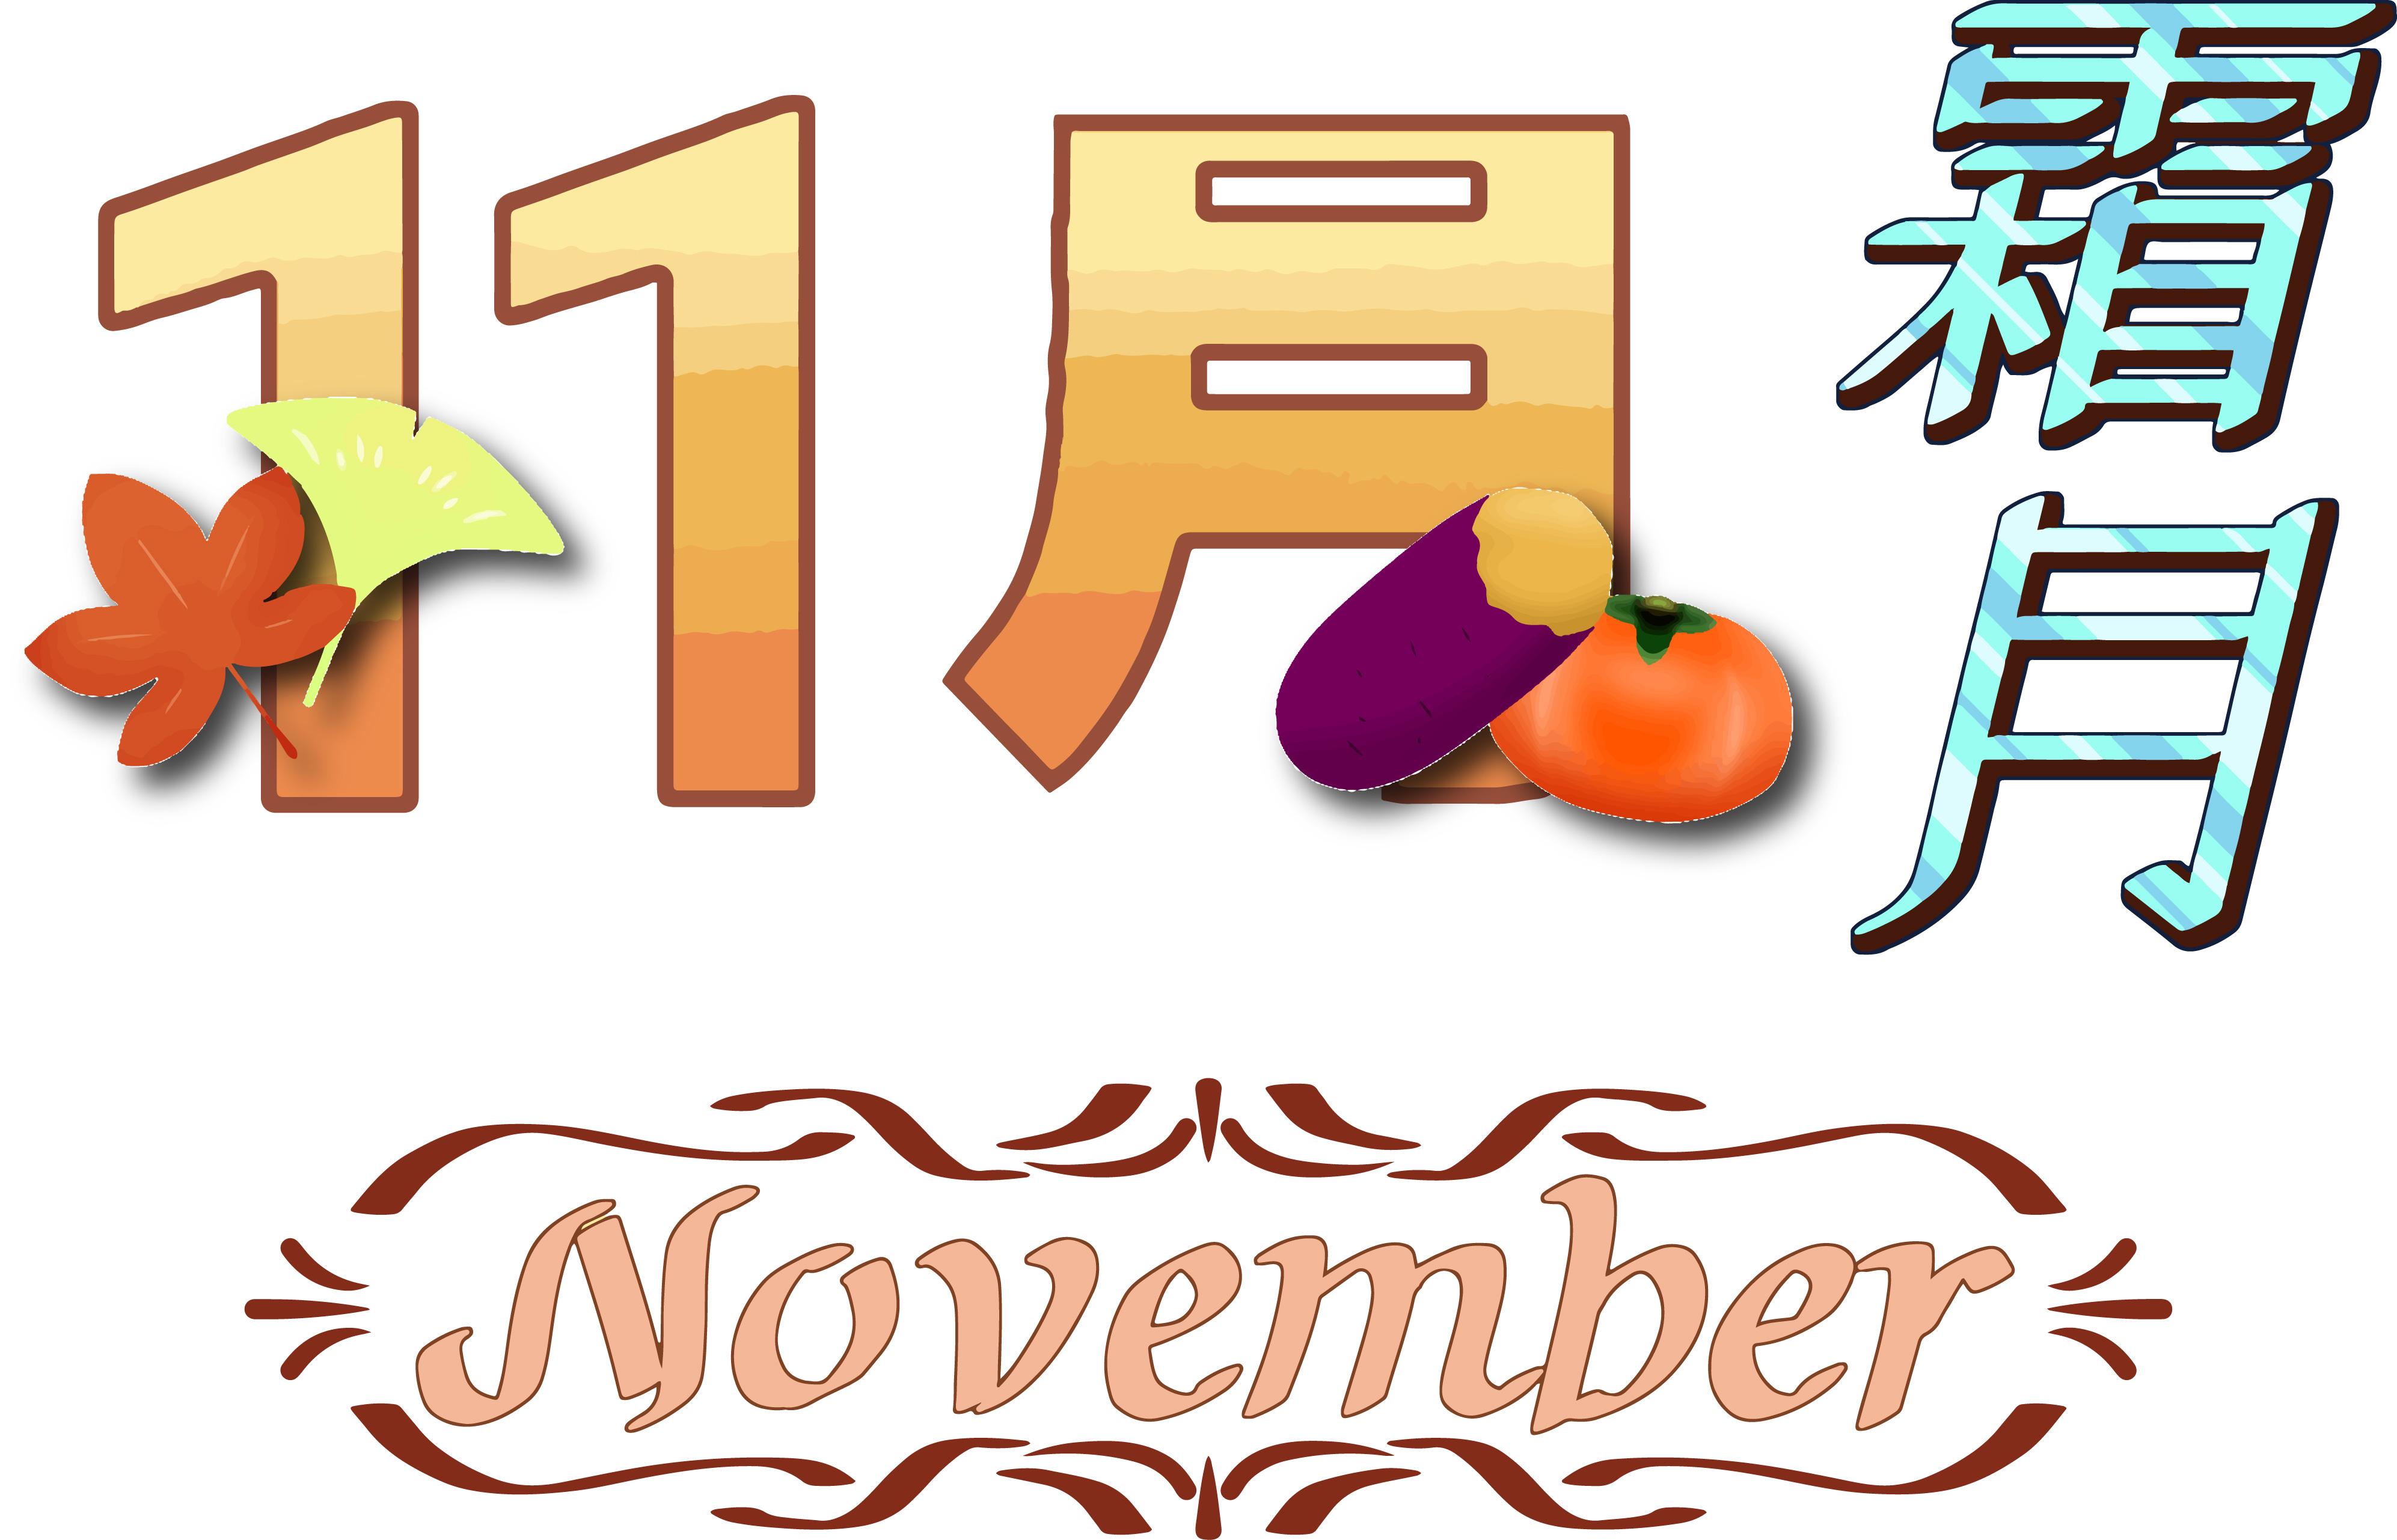 【11月といえば】イベントや行事・花や食べ物など話題のタネまとめ